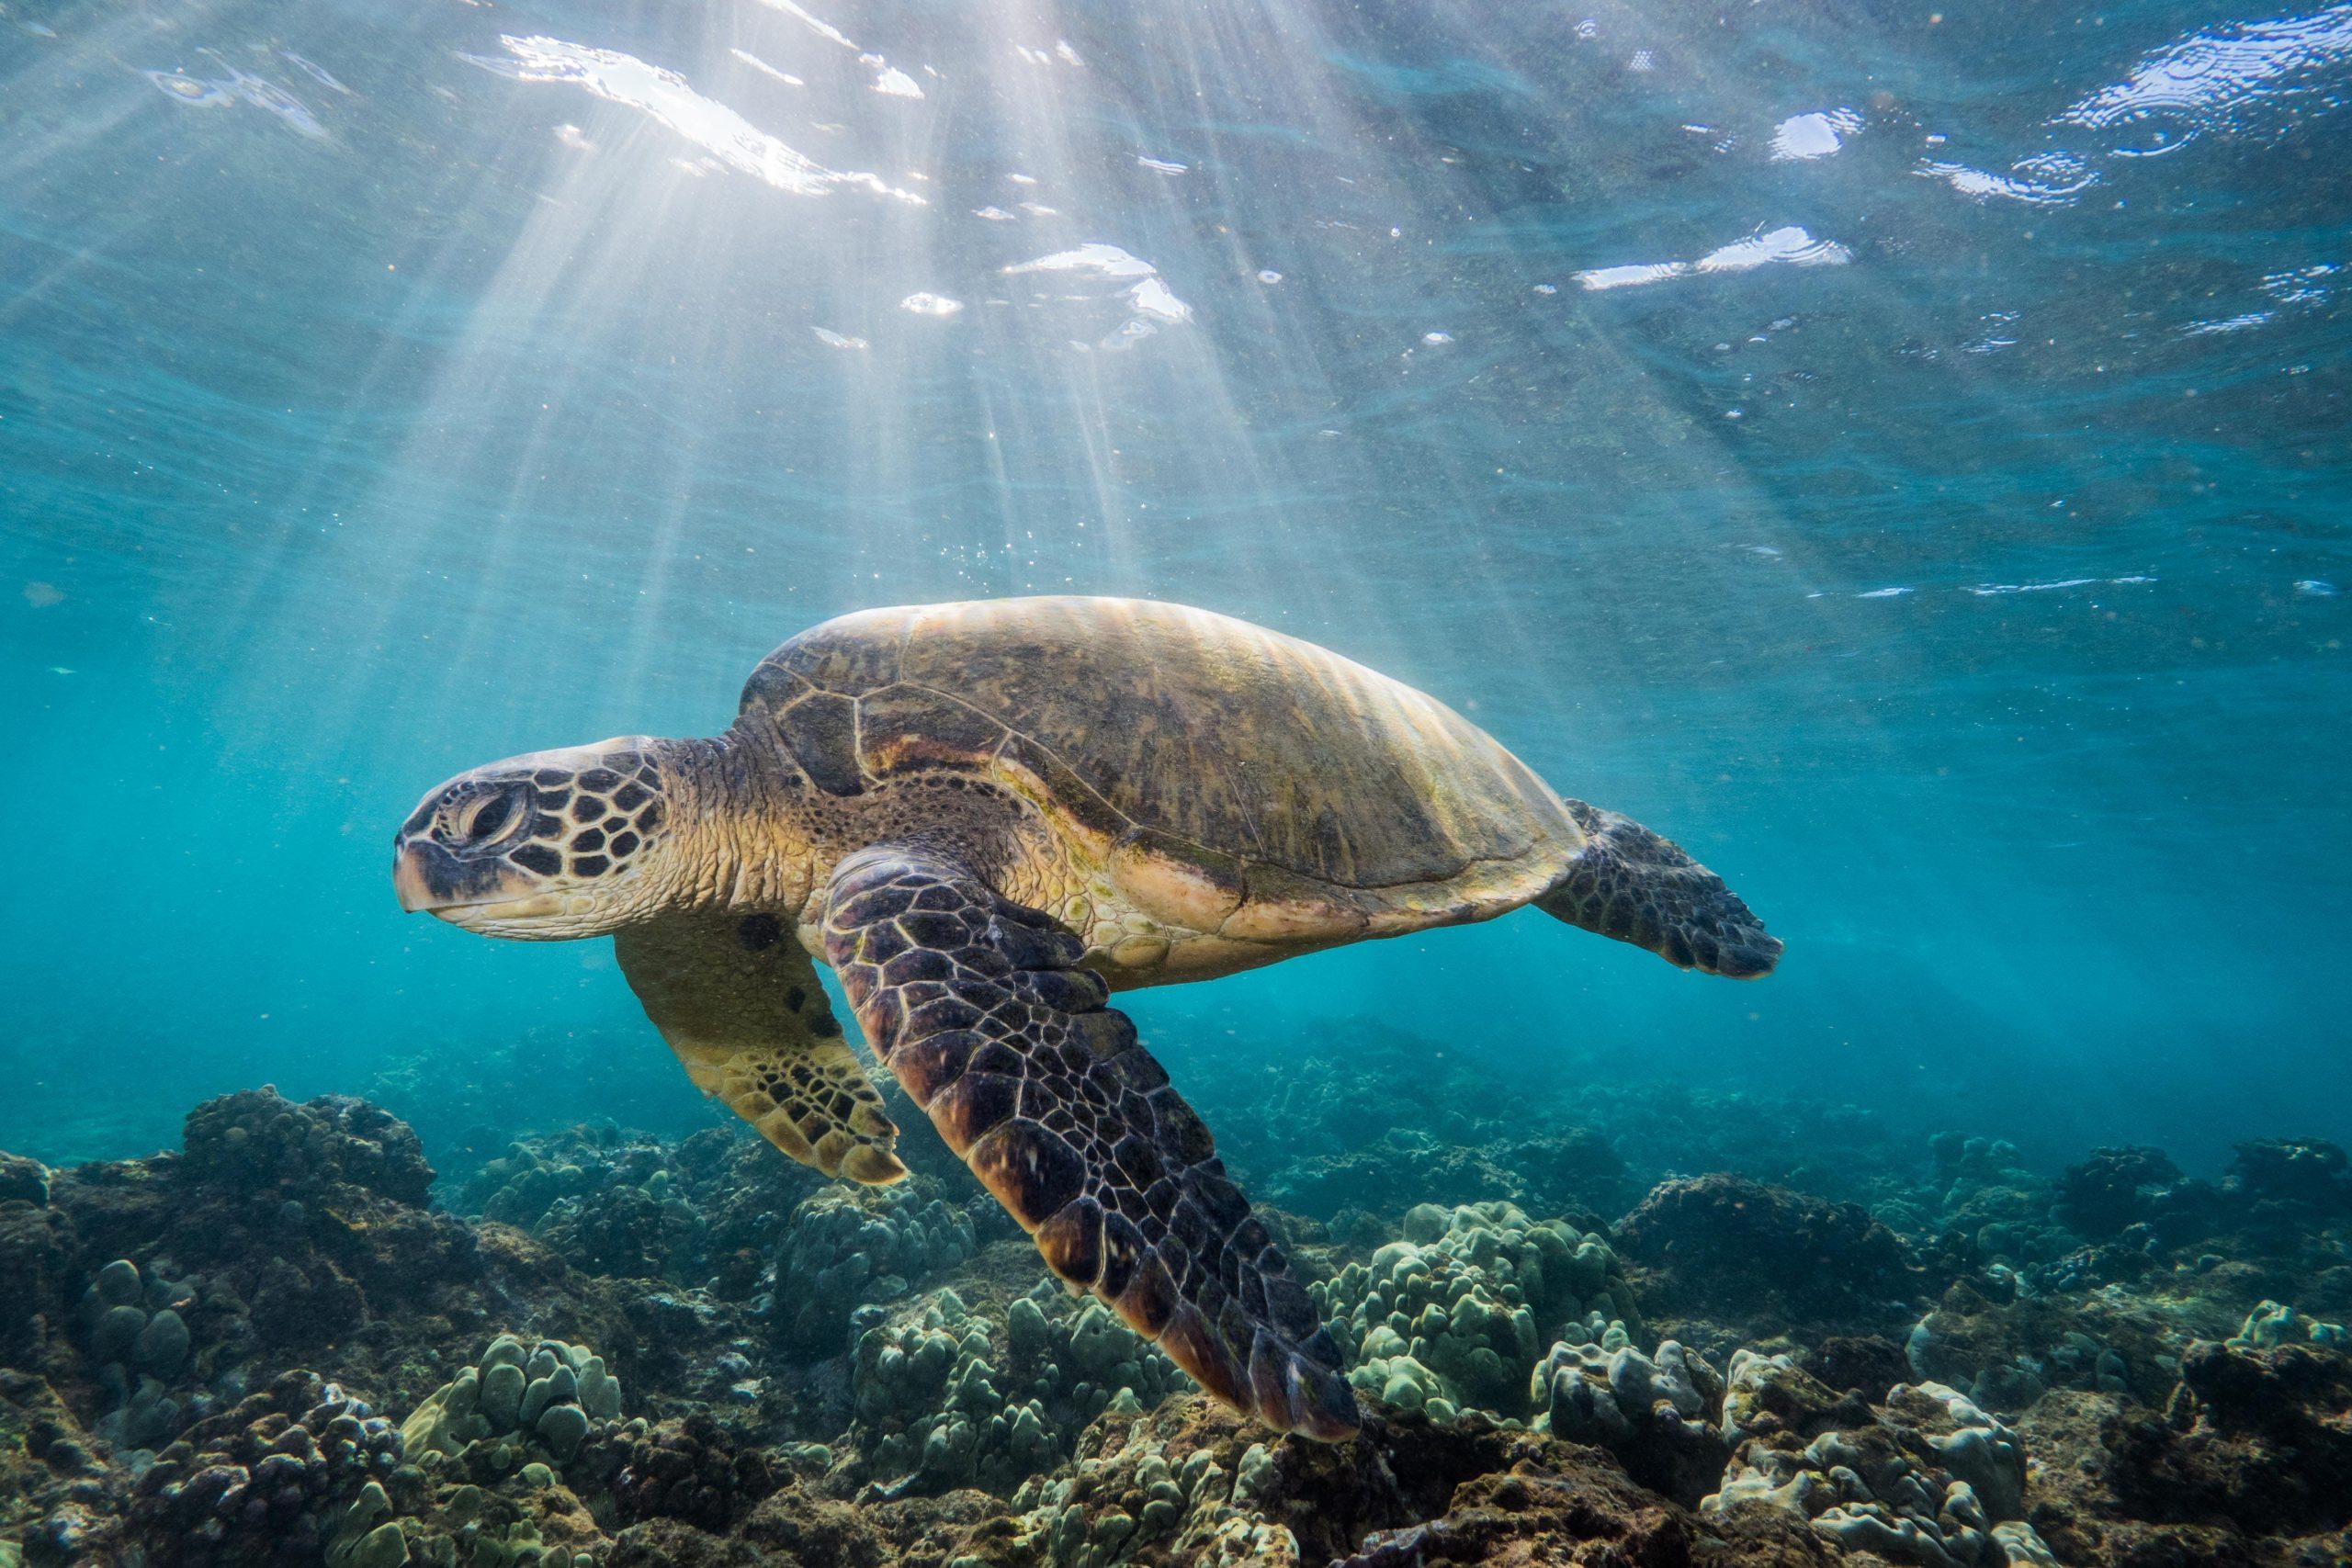 Ο καθοριστικός ρόλος της θαλάσσιας χελώνας στα νερά των ωκεανών